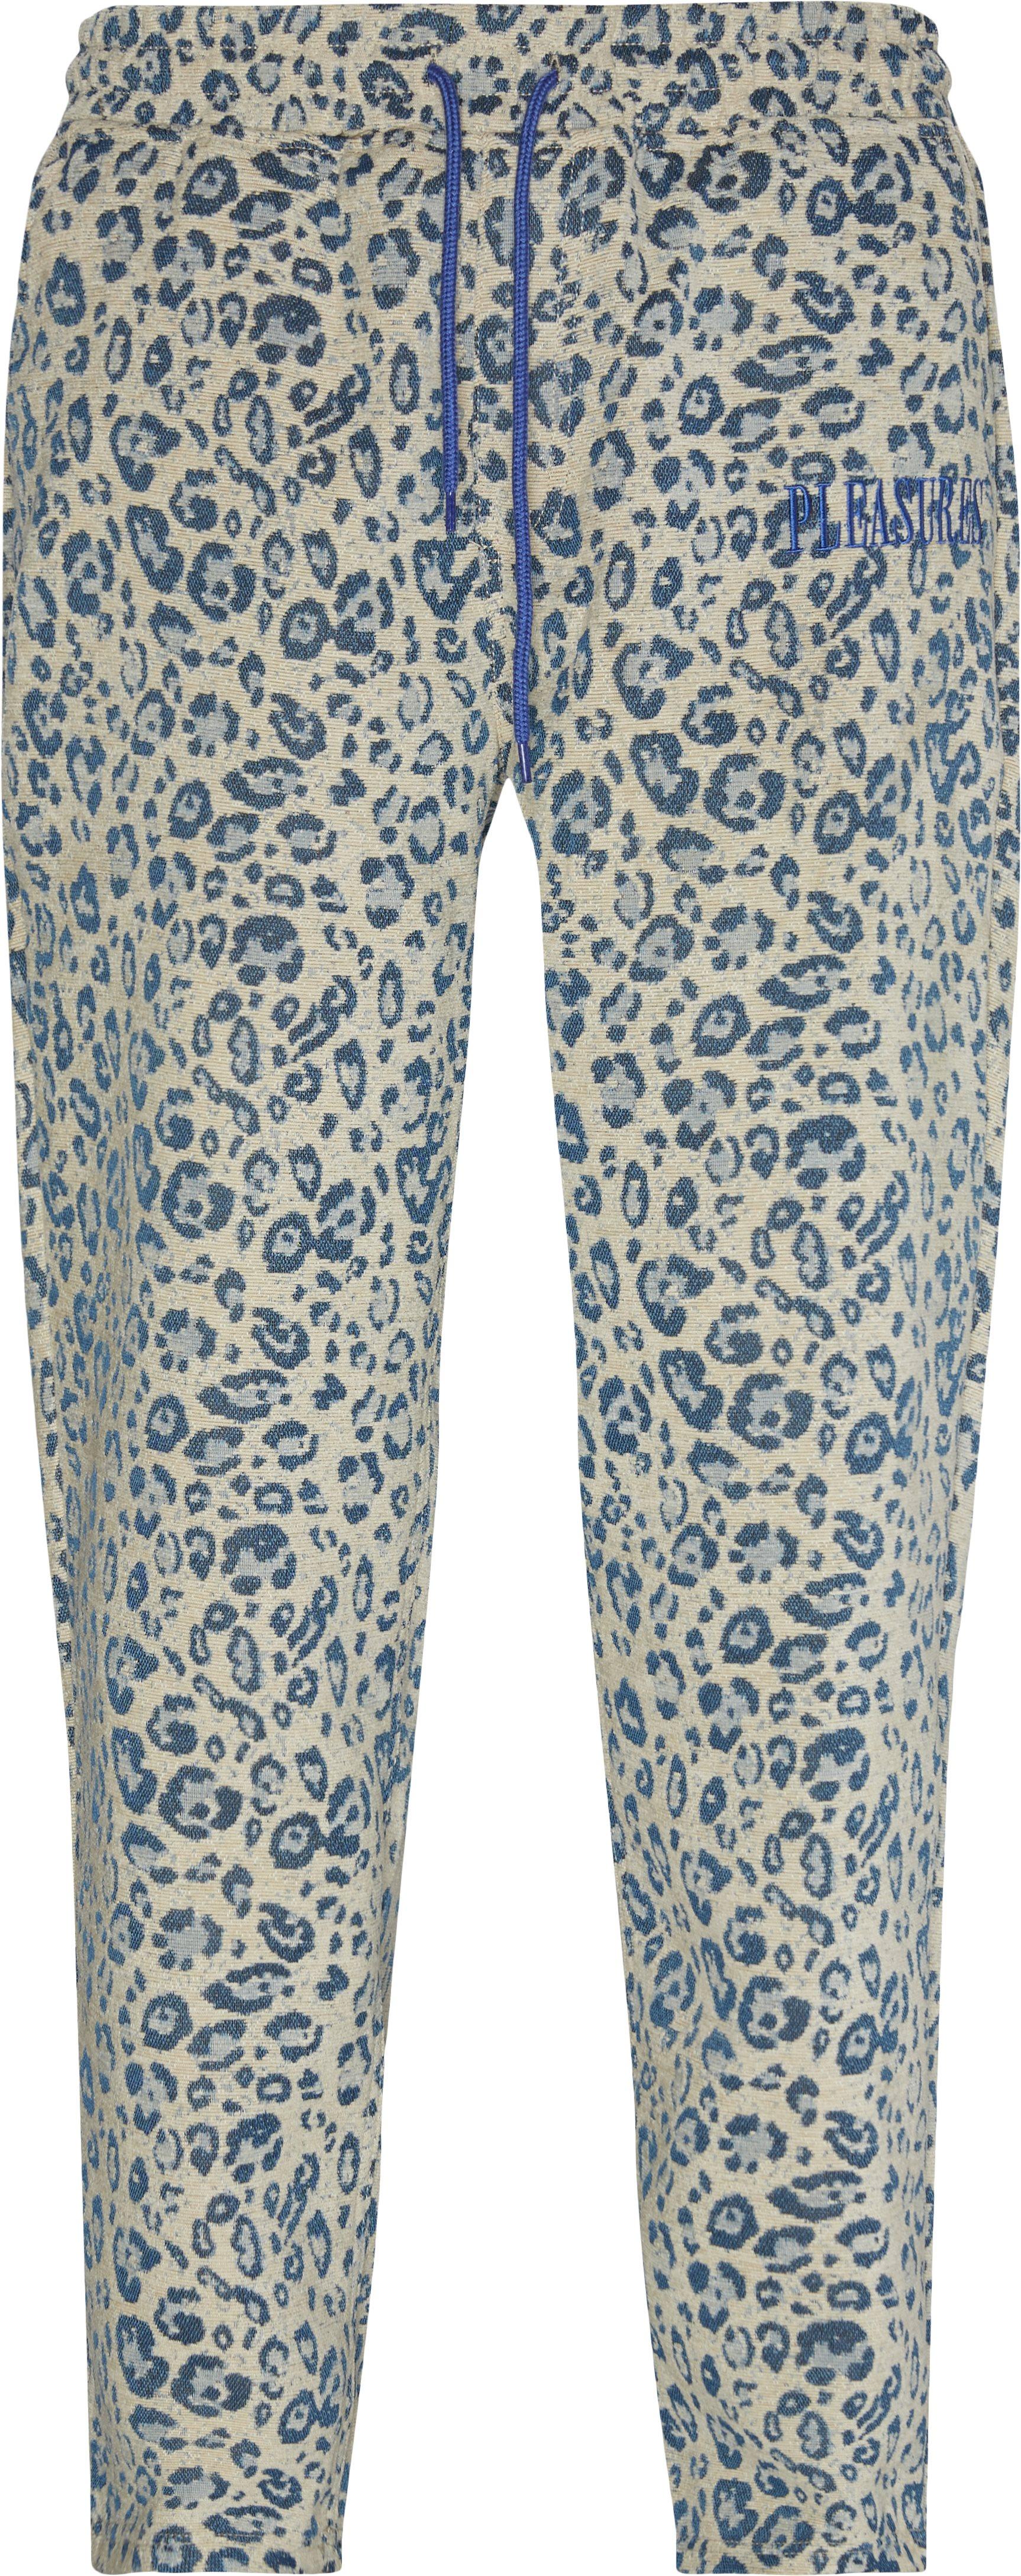 Eclipse Cheetah Beach Pant - Bukser - Relaxed fit - Blå